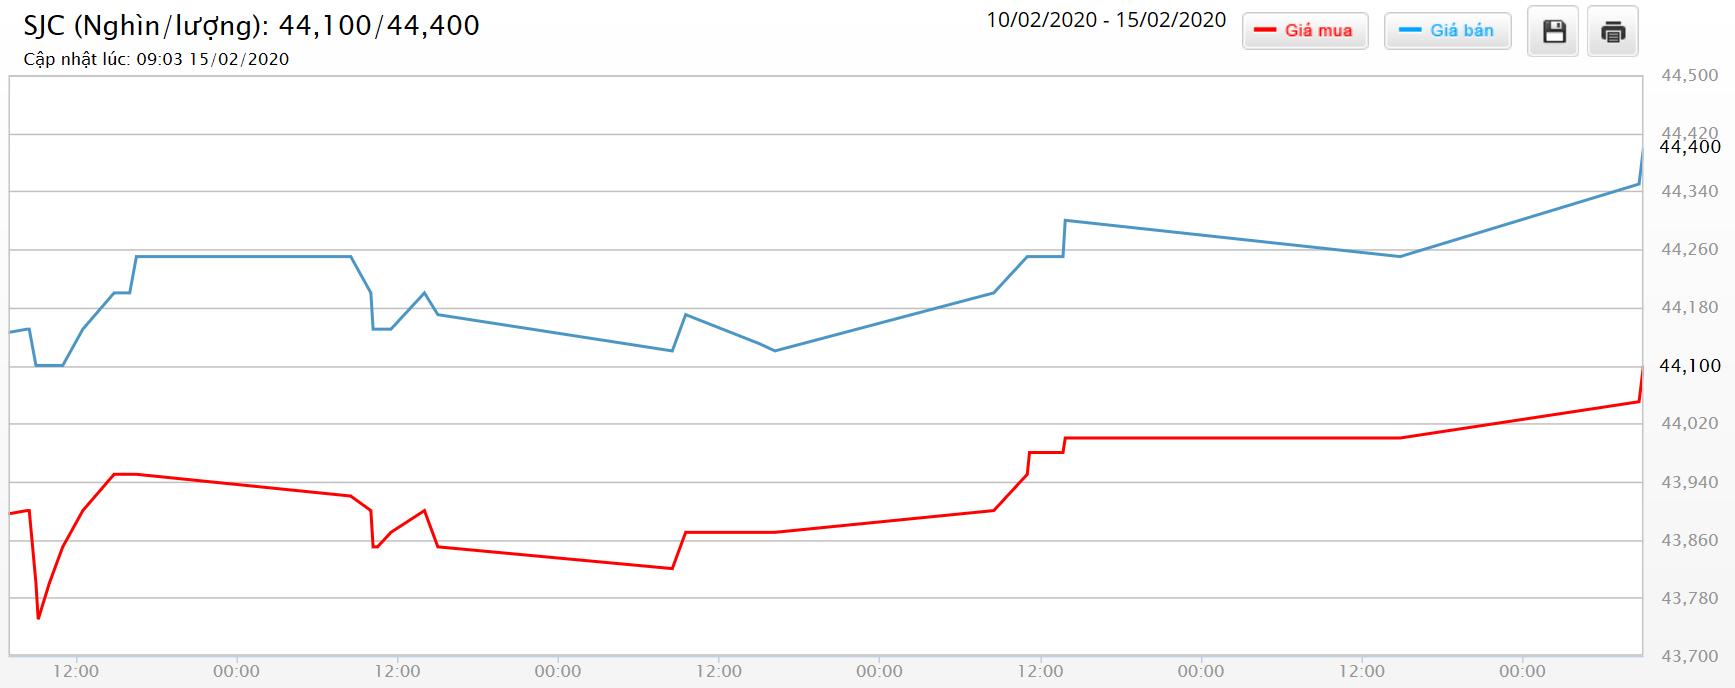 Giá vàng hôm nay 16/2: SJC tăng trở lại đến 500.000 đồng/lượng, tiến gần mốc 45 triệu đồng - Ảnh 1.